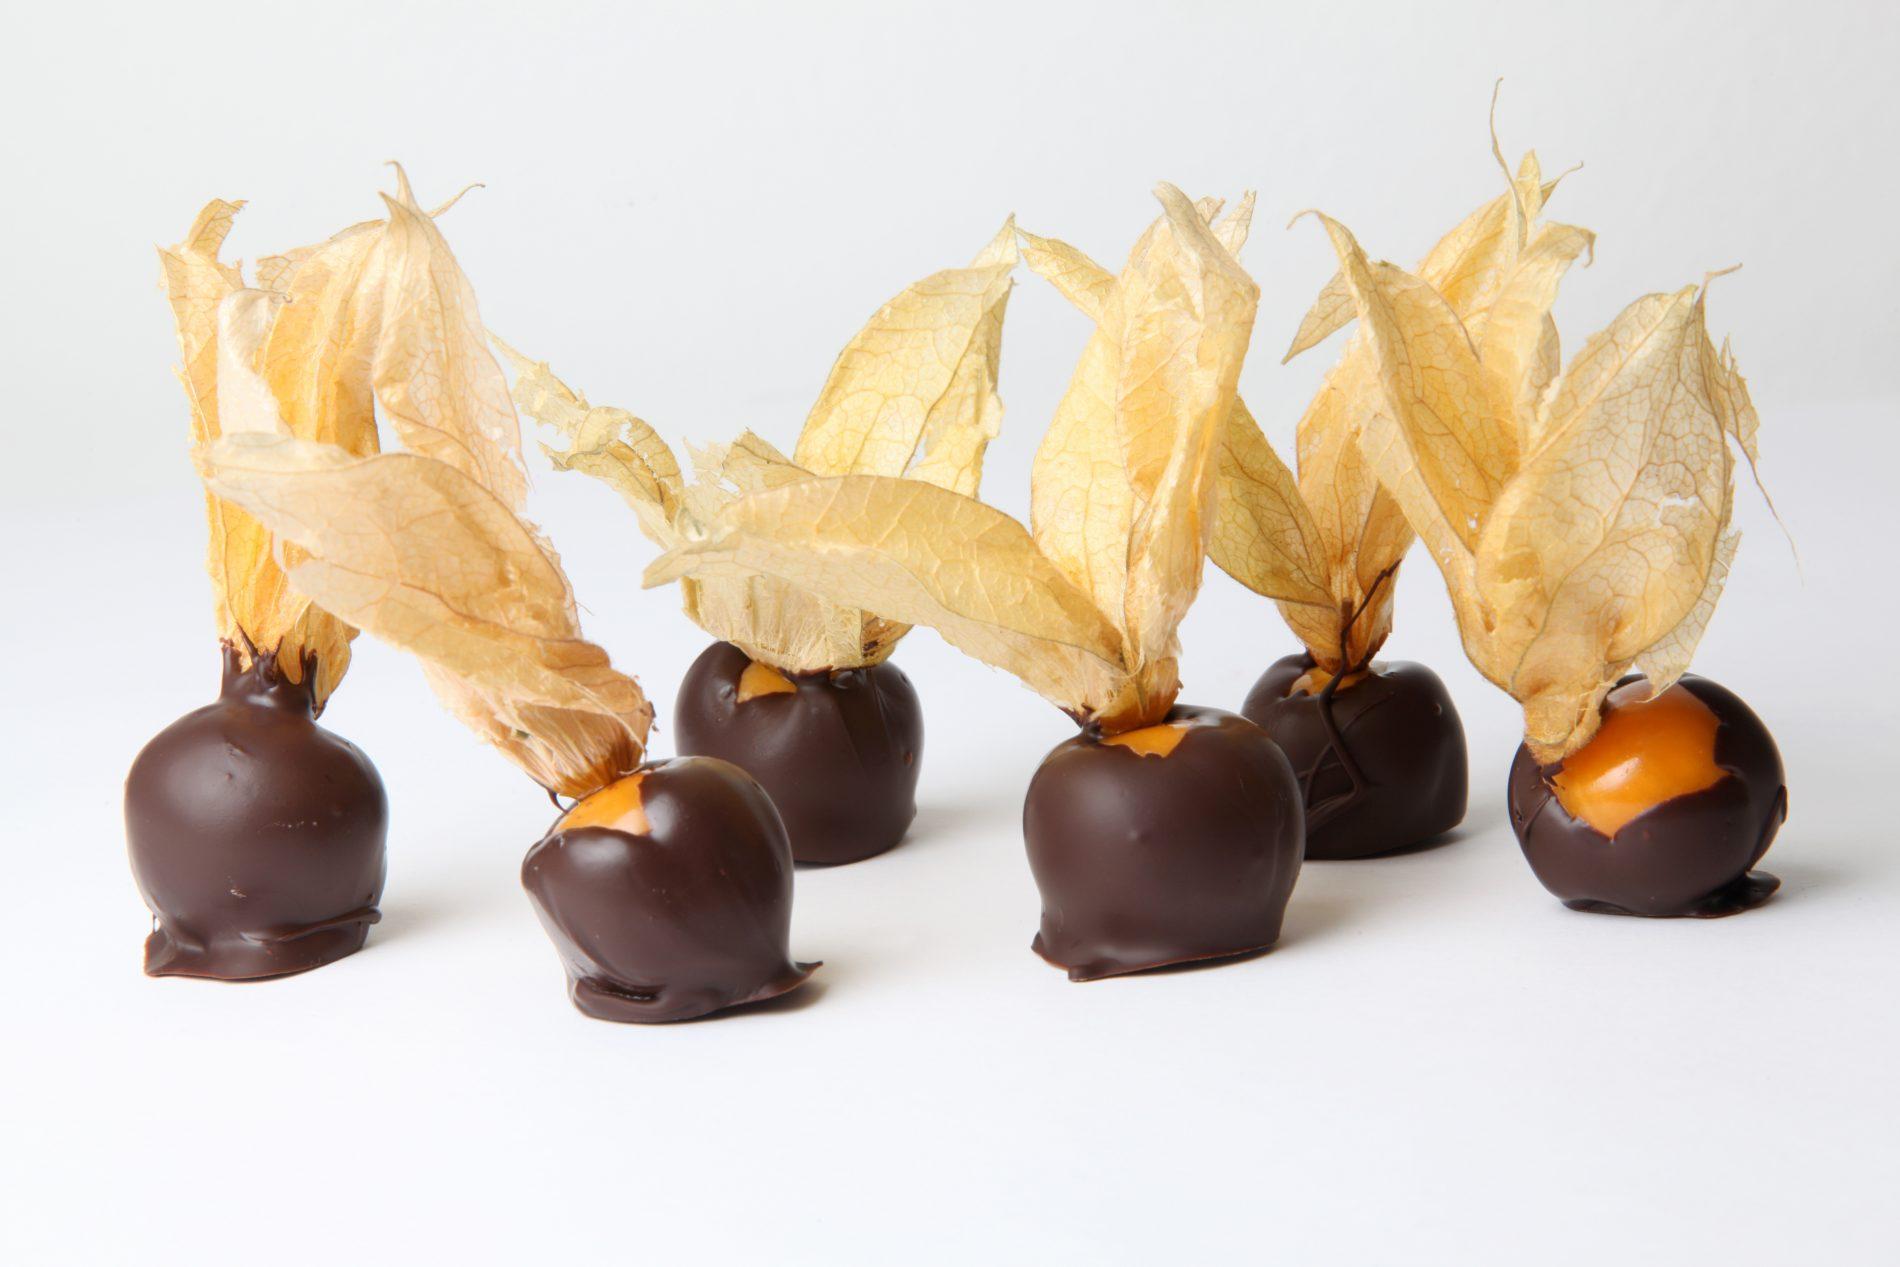 alchechengi ricoperti di cioccolato: la ricette